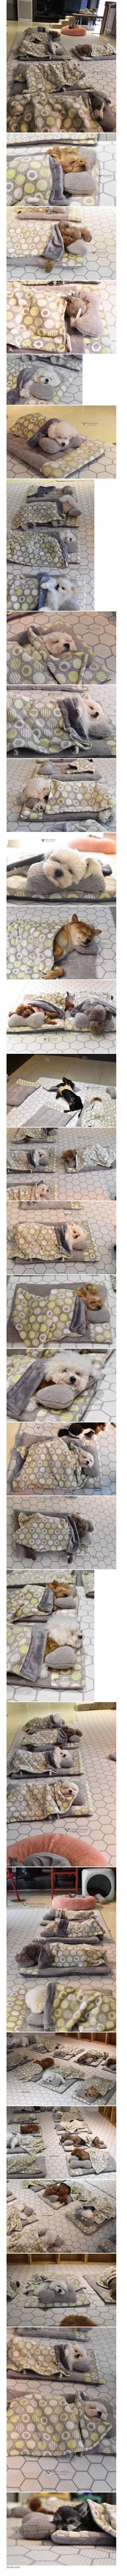 강아지 유치원 낮잠시간.jpg | 인스티즈